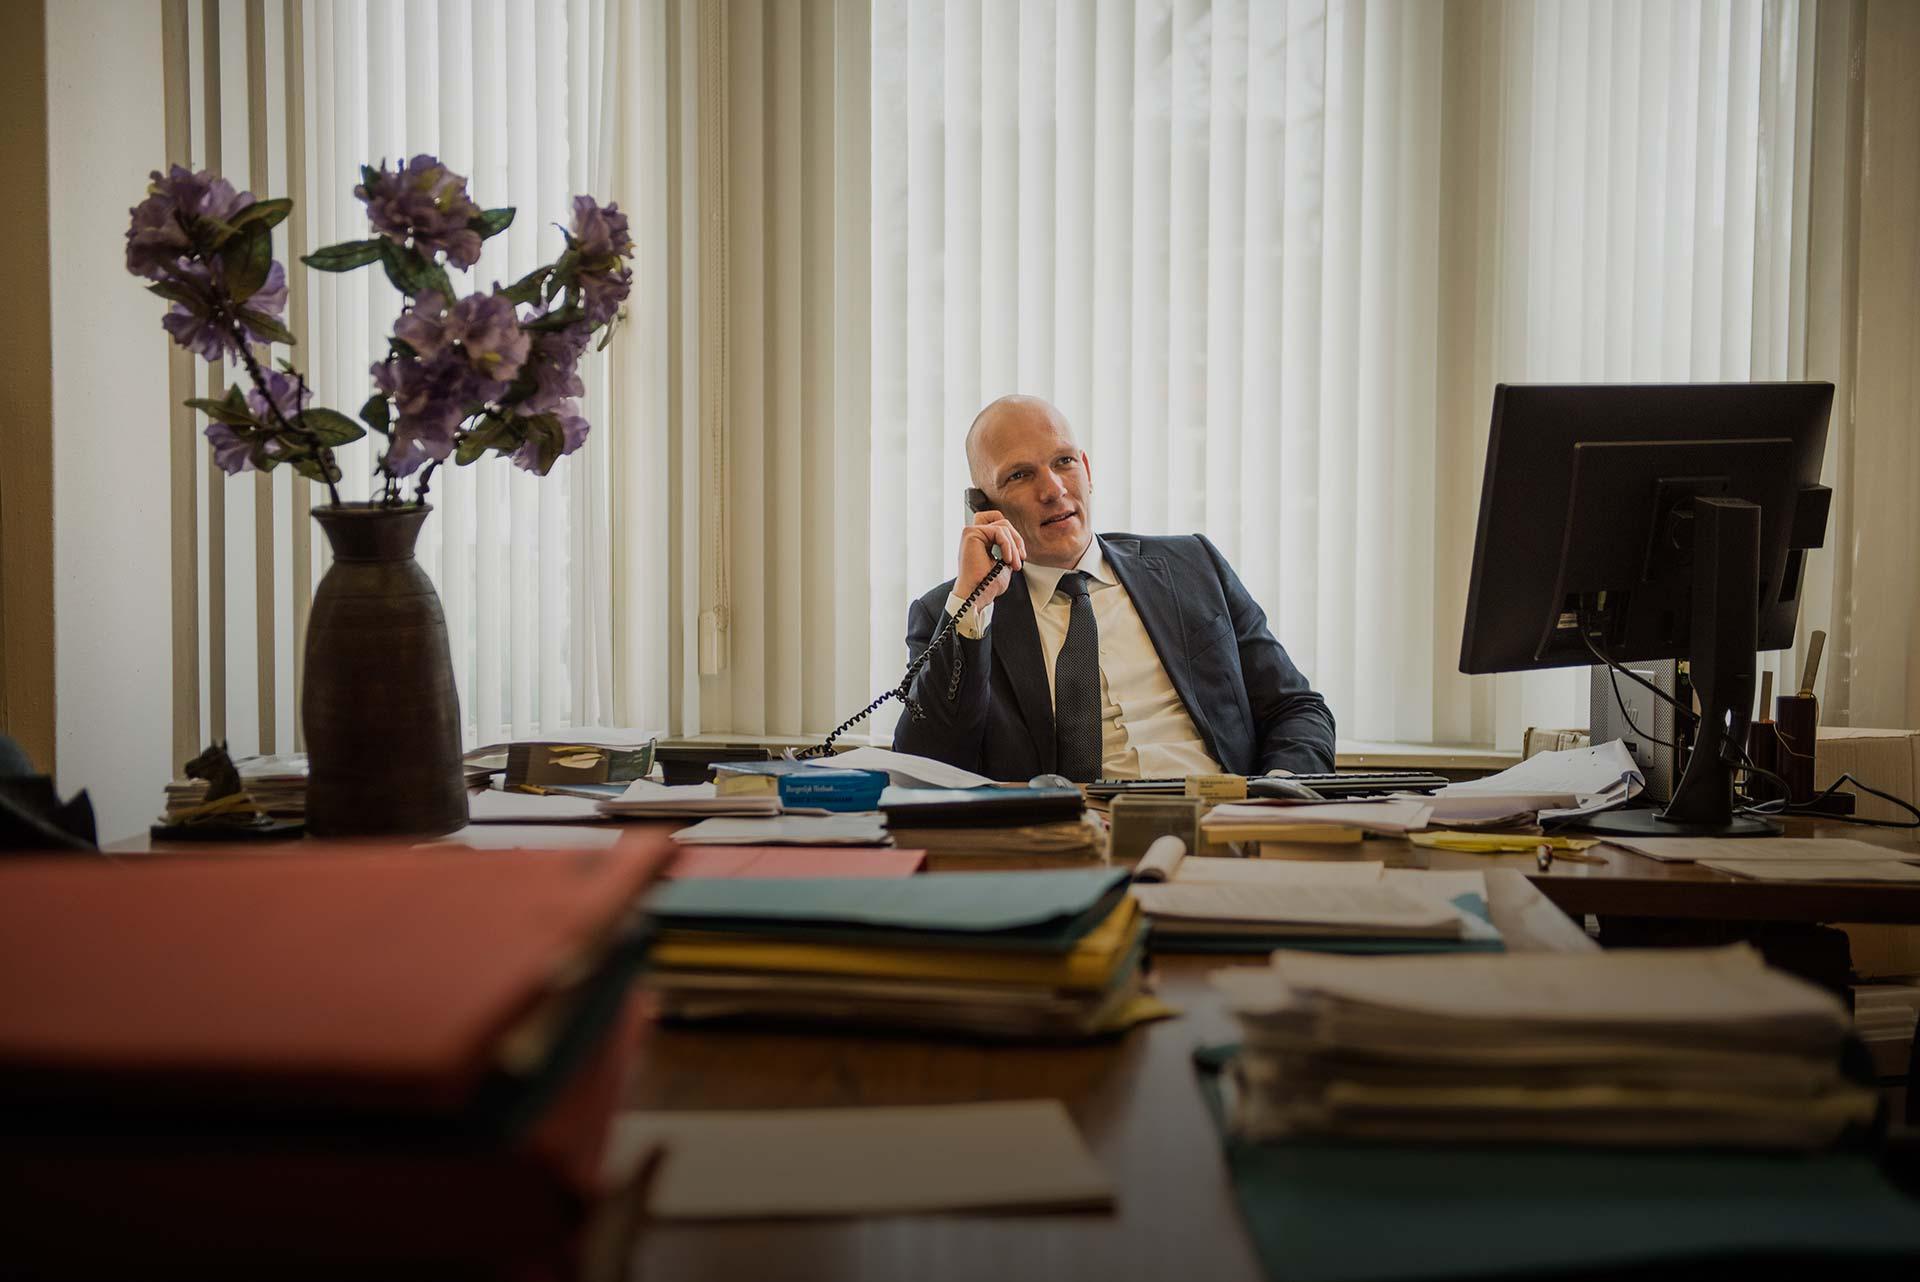 Advocaten en notarissen die zich verplaatsen in uw uitdaging